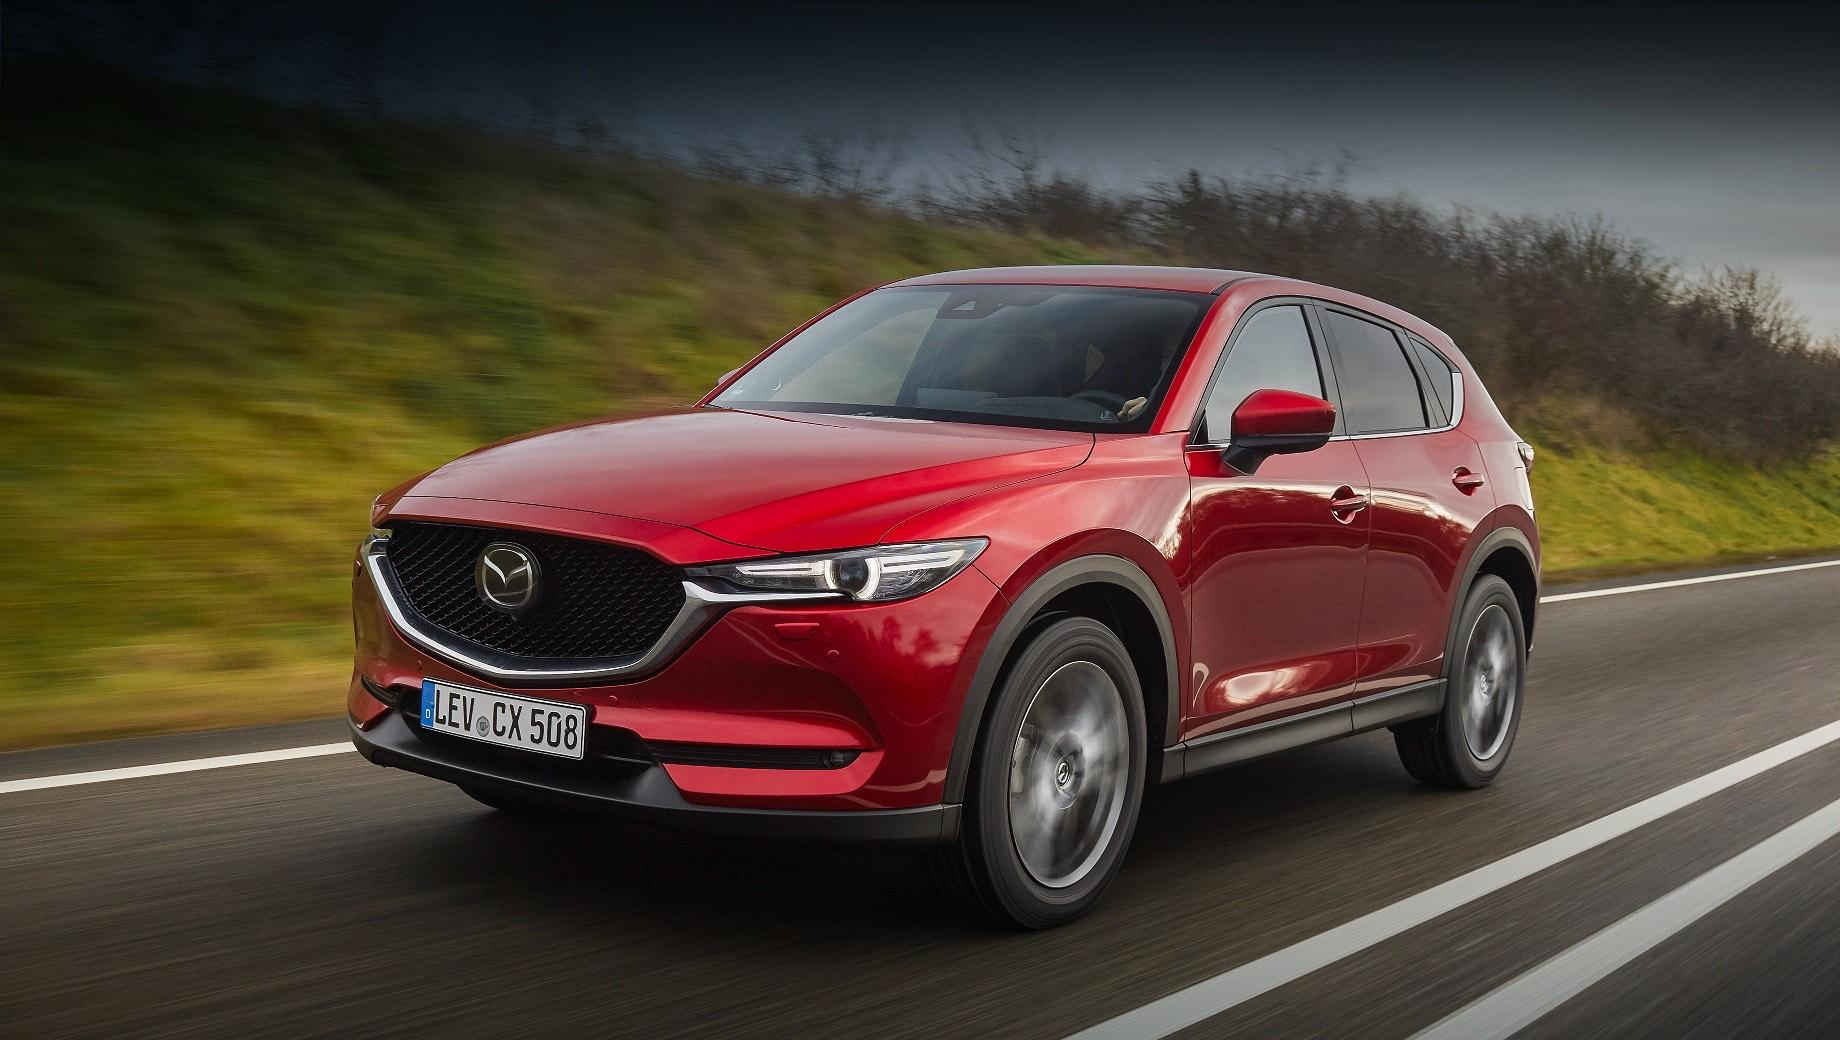 Европейская Mazda CX-5 обновилась по технике и оснащению